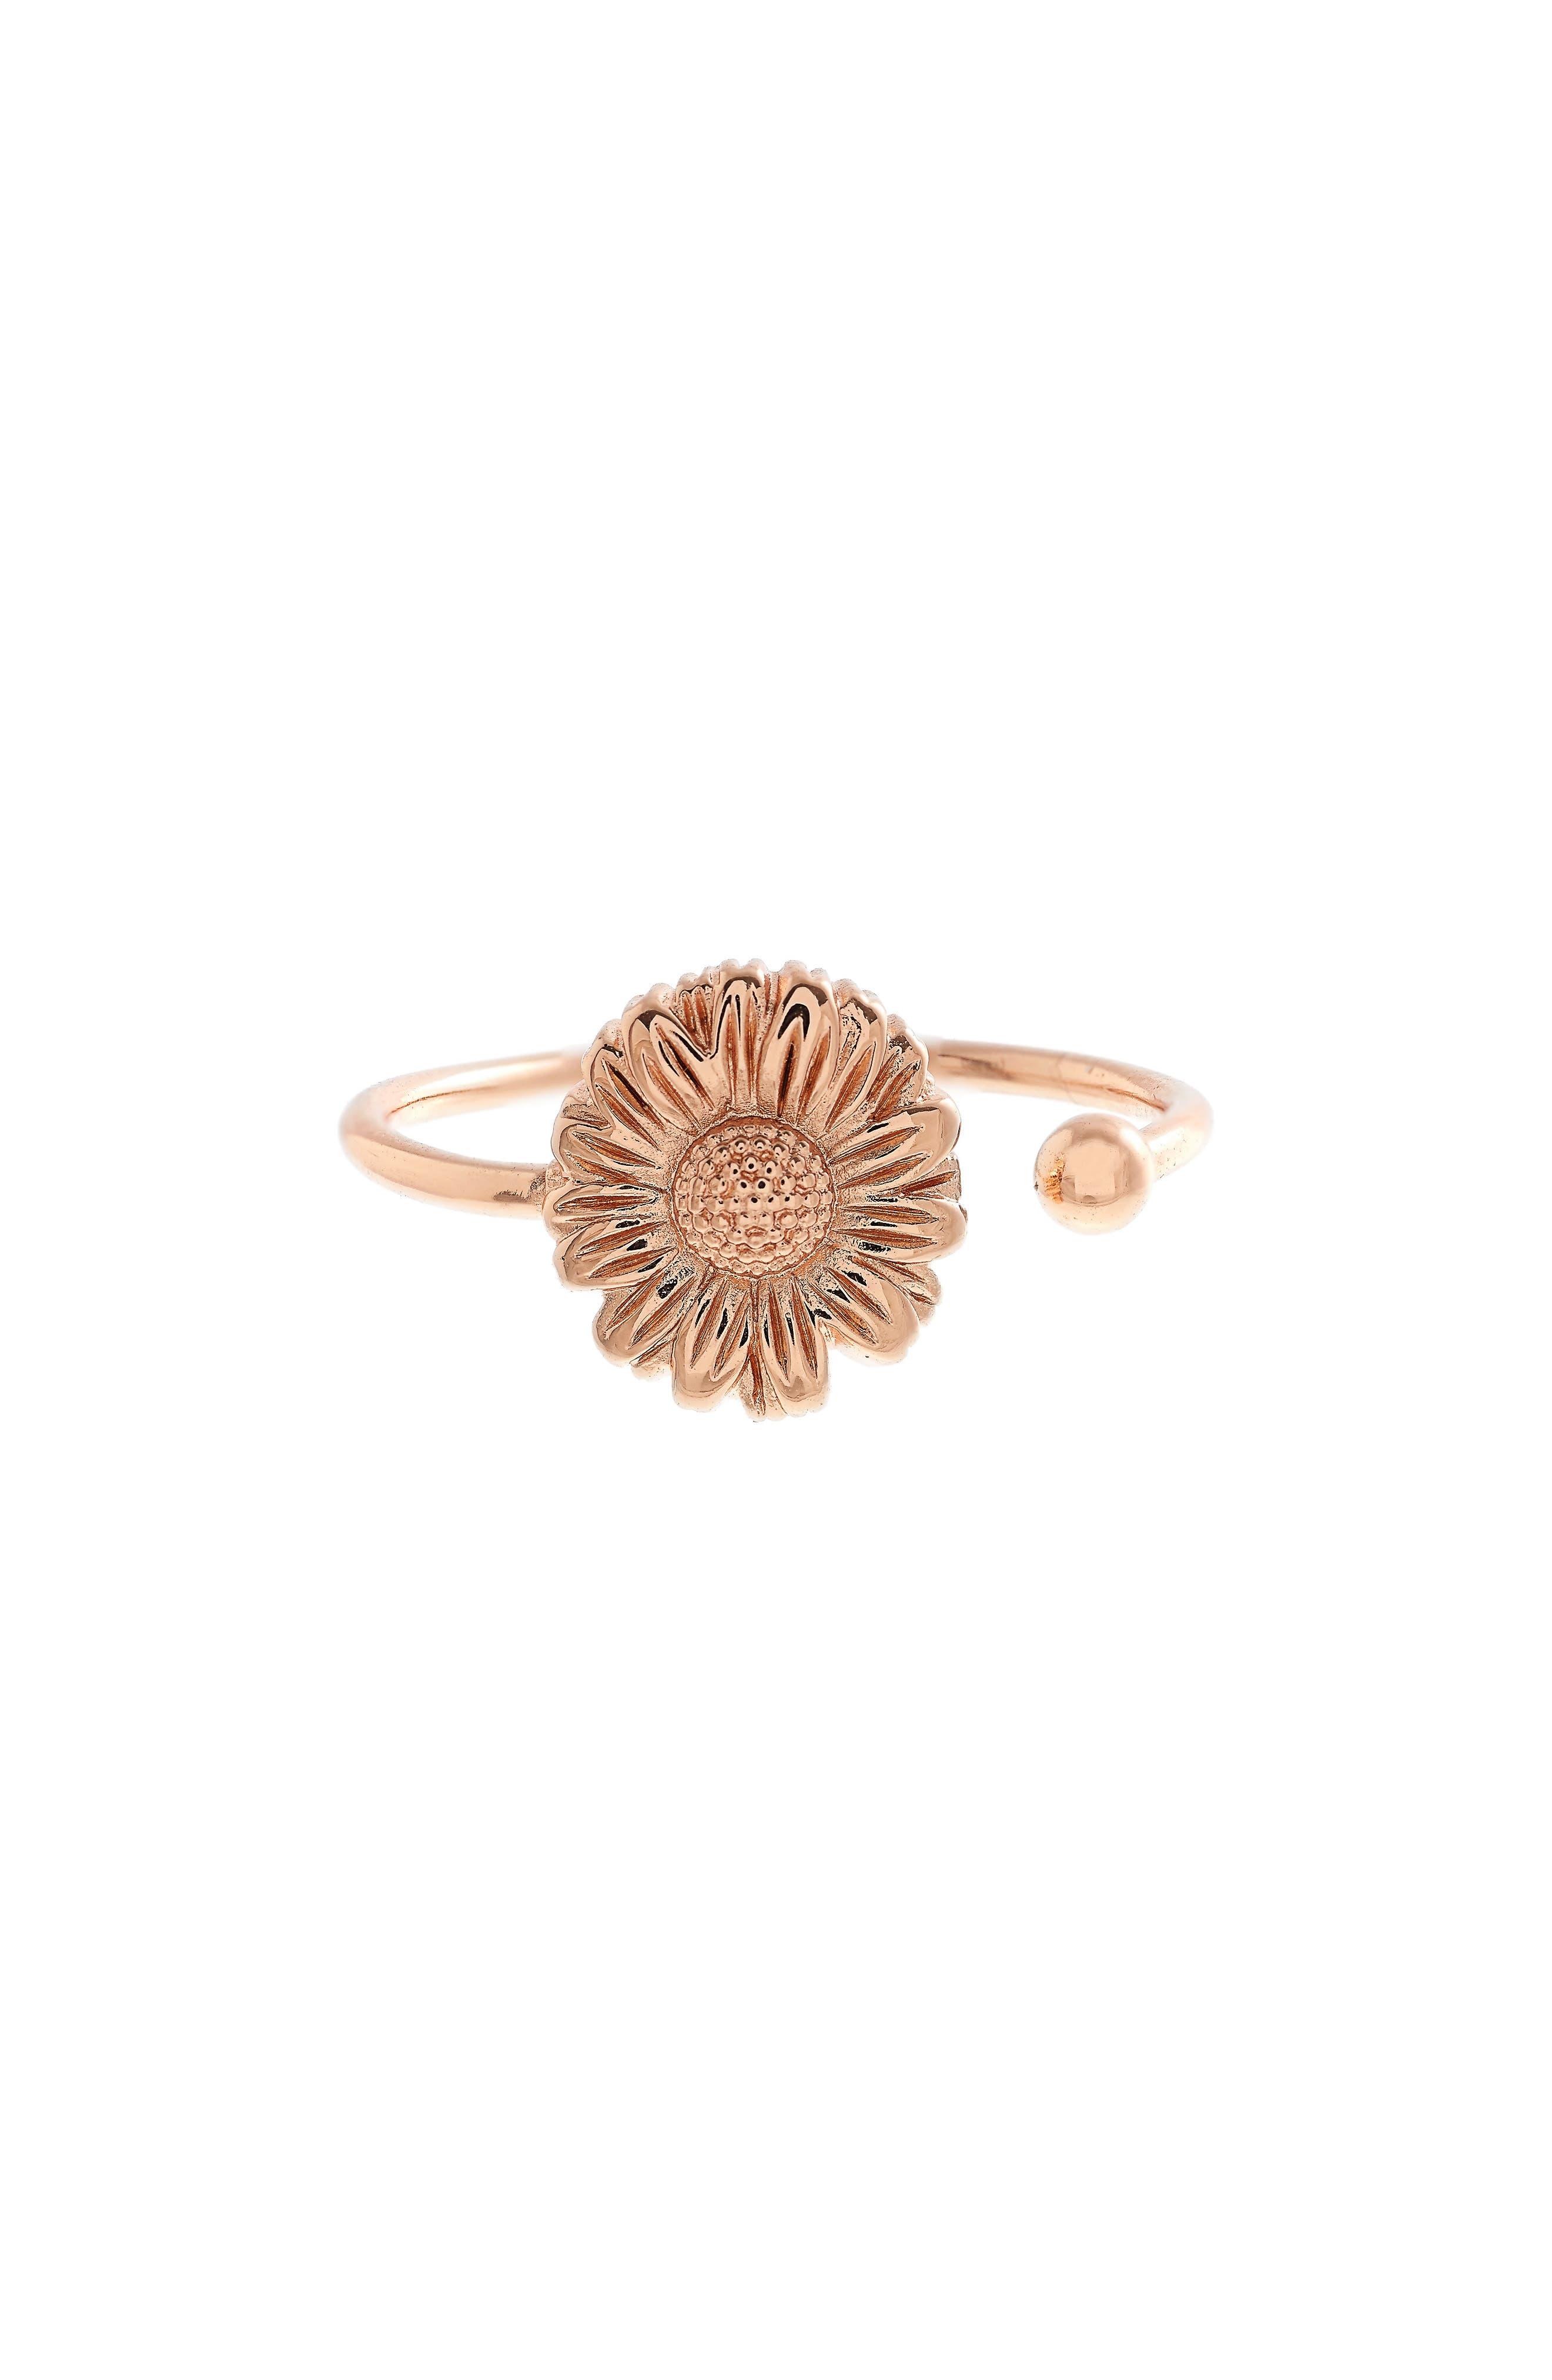 Daisy Ring,                             Main thumbnail 1, color,                             ROSE GOLD